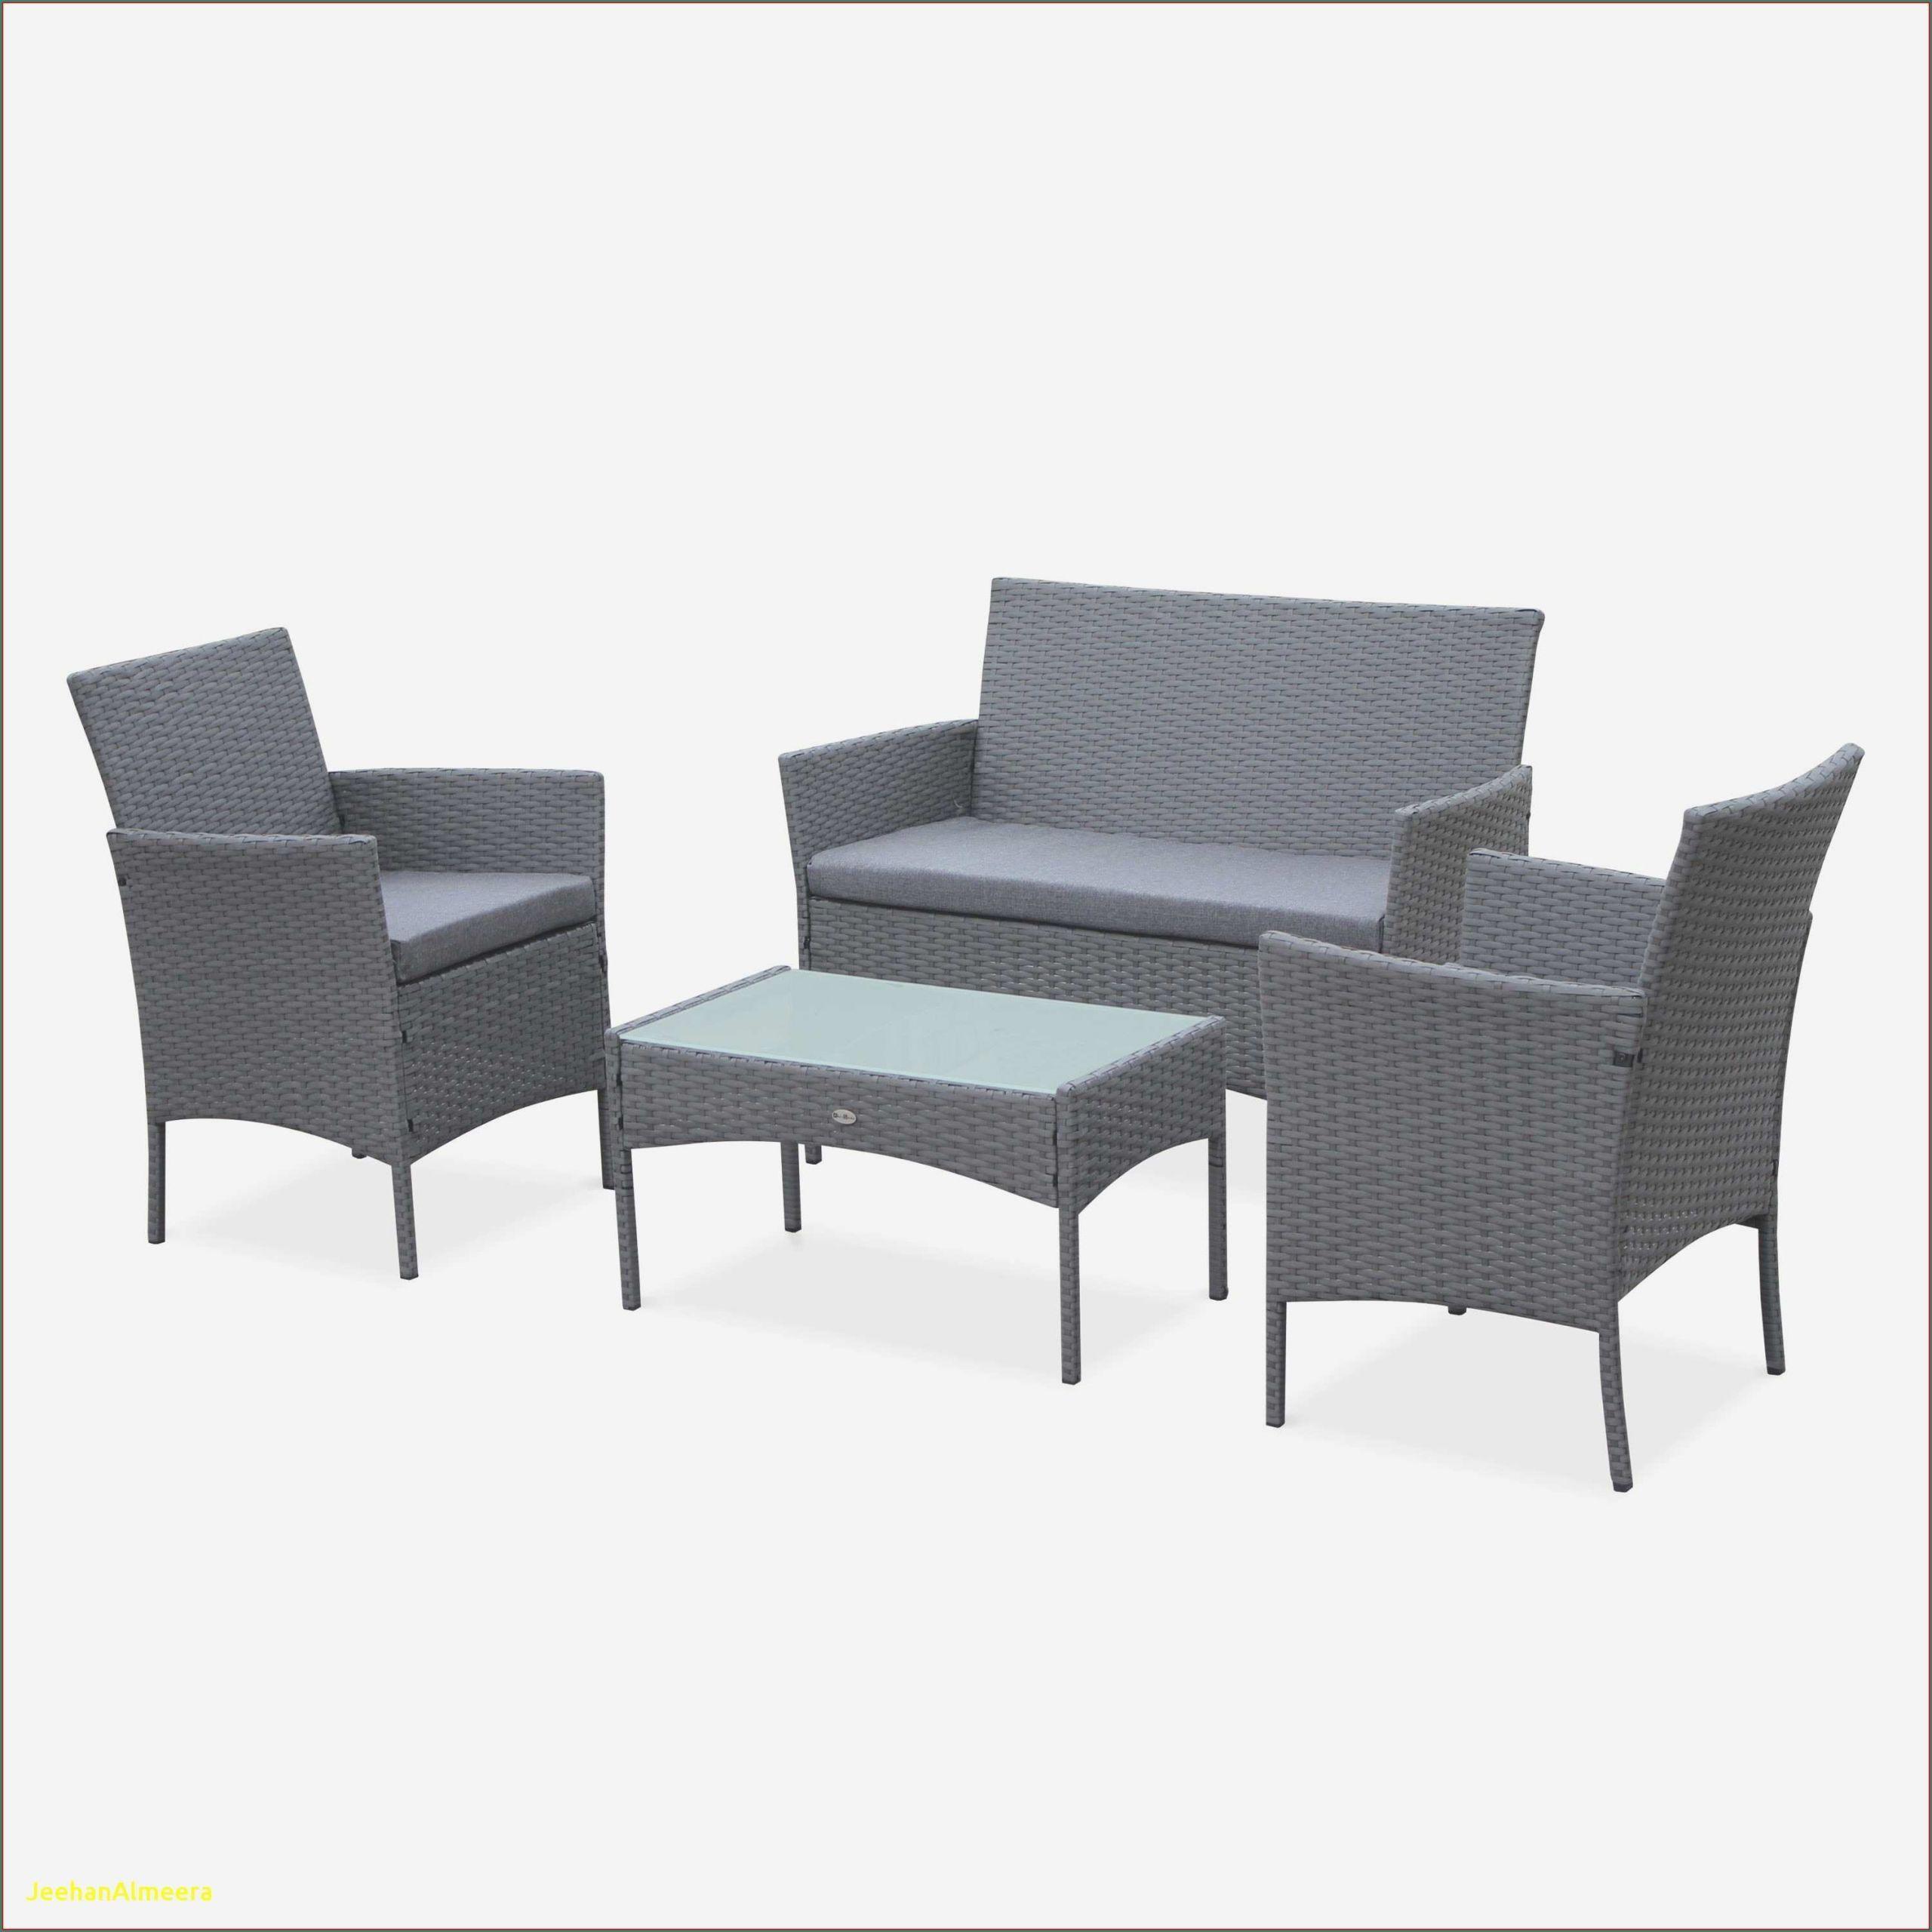 verner panton chair e chaise panton chaises discount chaise maison chaises discount 0d di verner panton chair